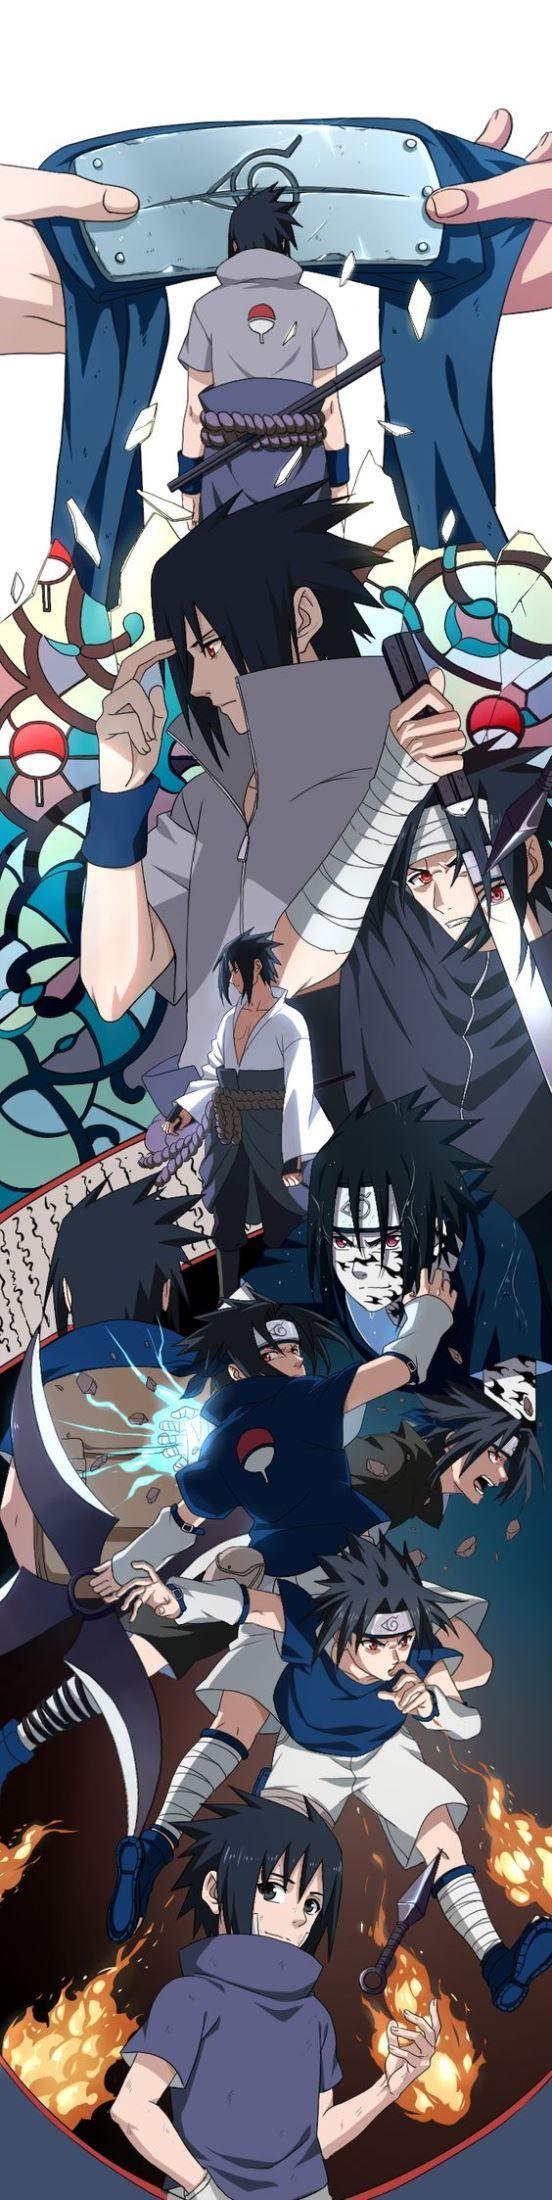 NARUTO SHIPPUDEN, Uchiha Sasuke